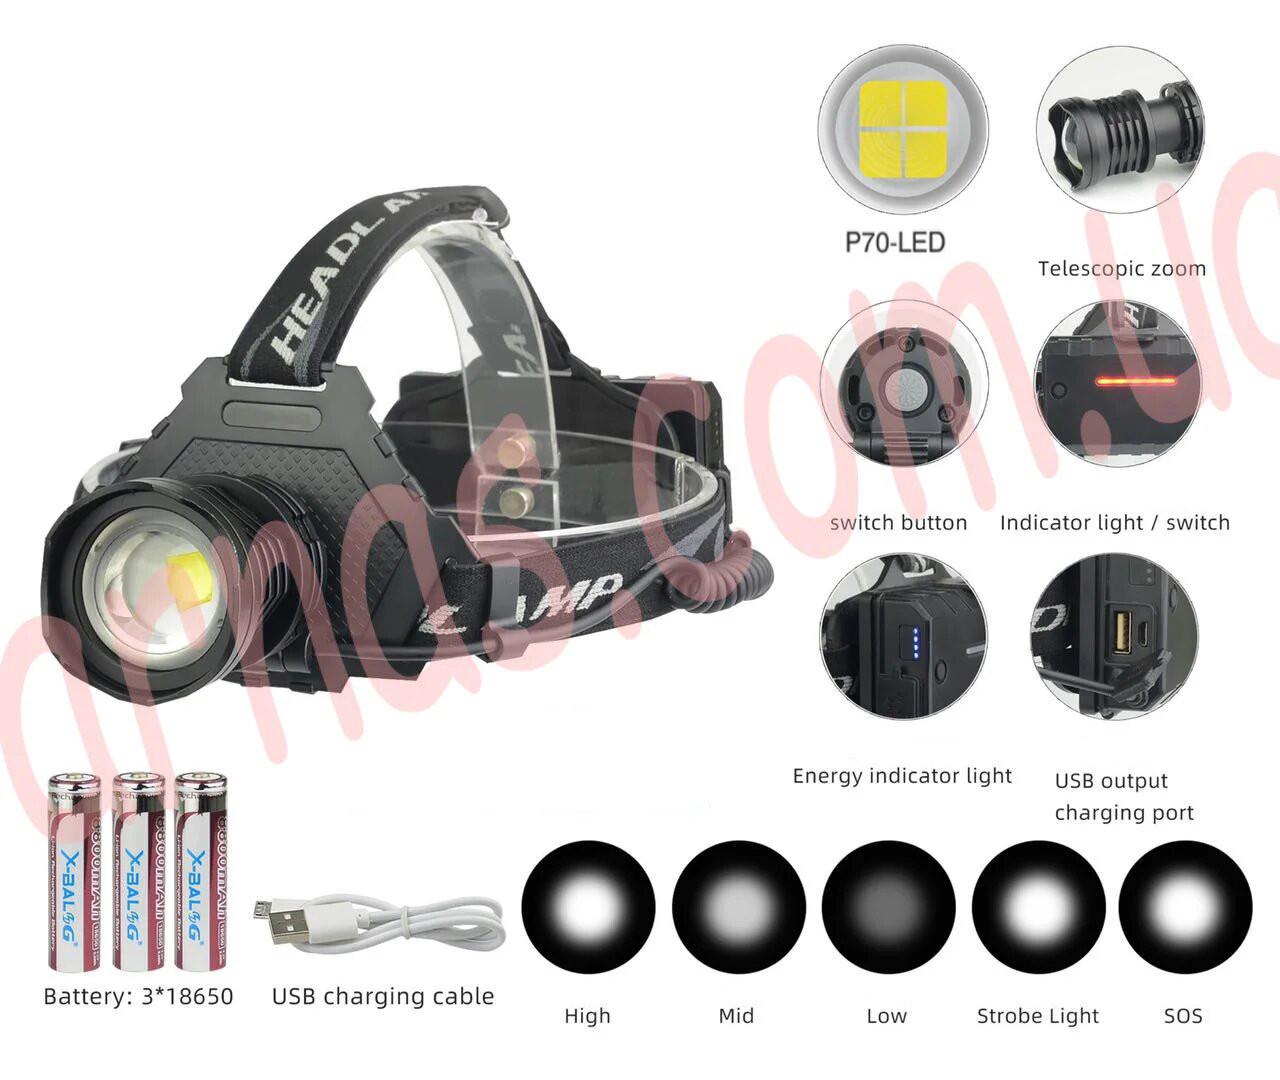 Аккумуляторный налобный фонарь BL-T70-P70